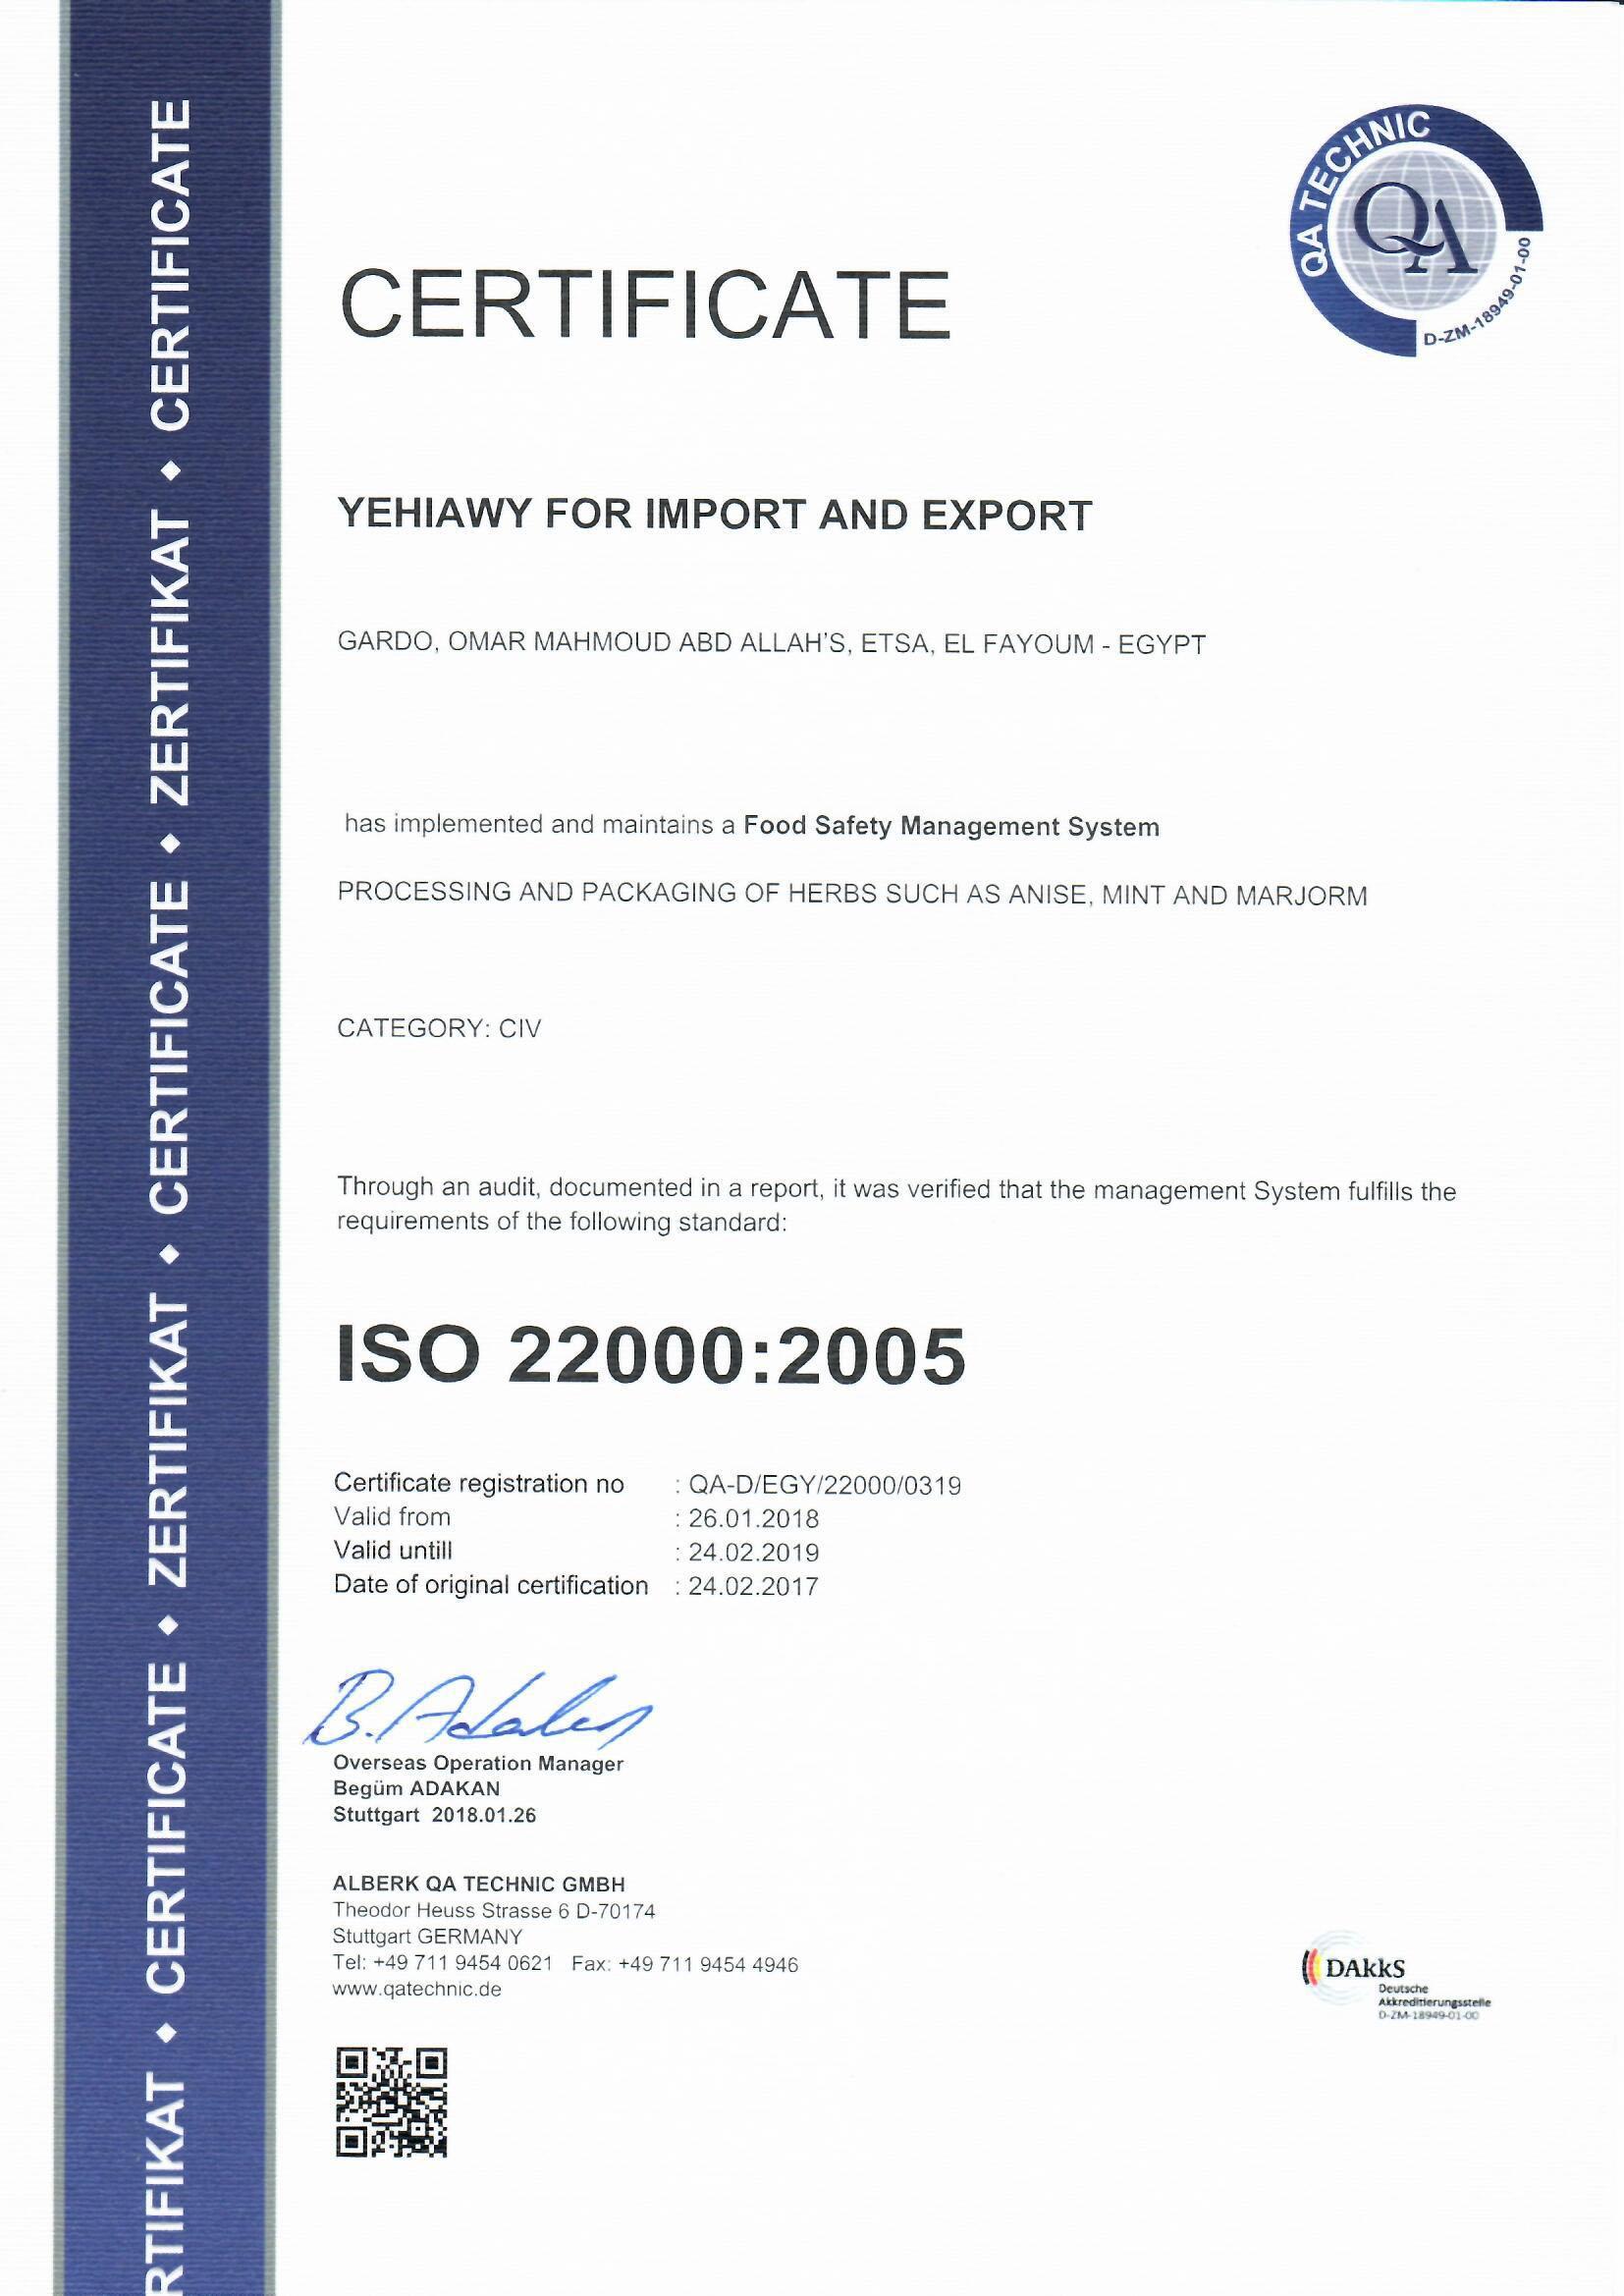 ISO 22000 yehiawy 2018